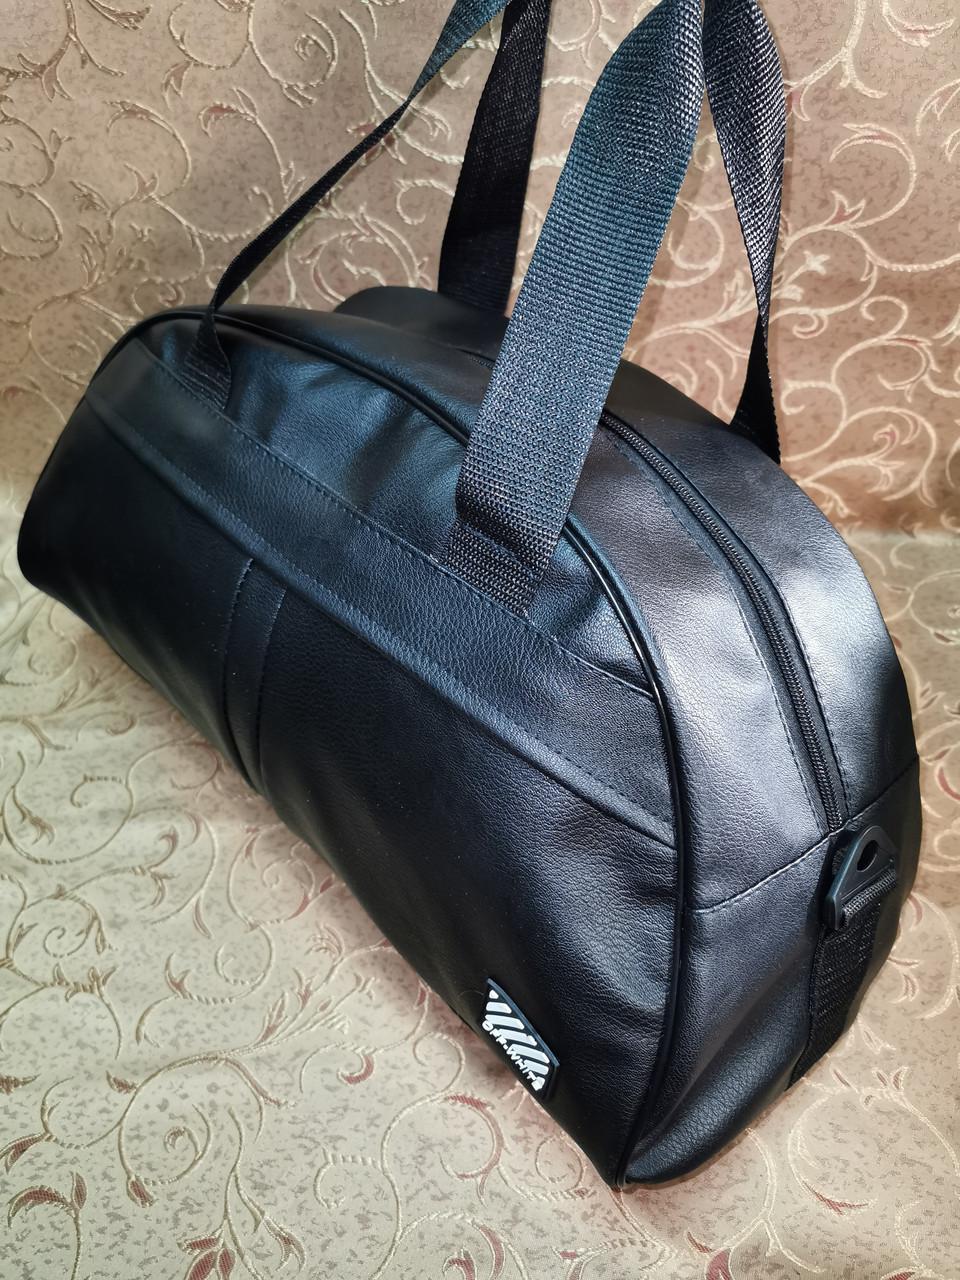 Спортивная сумка off white Унисекс последние искусств кожа/Сумка из искусственной кожи (только ОПТ)